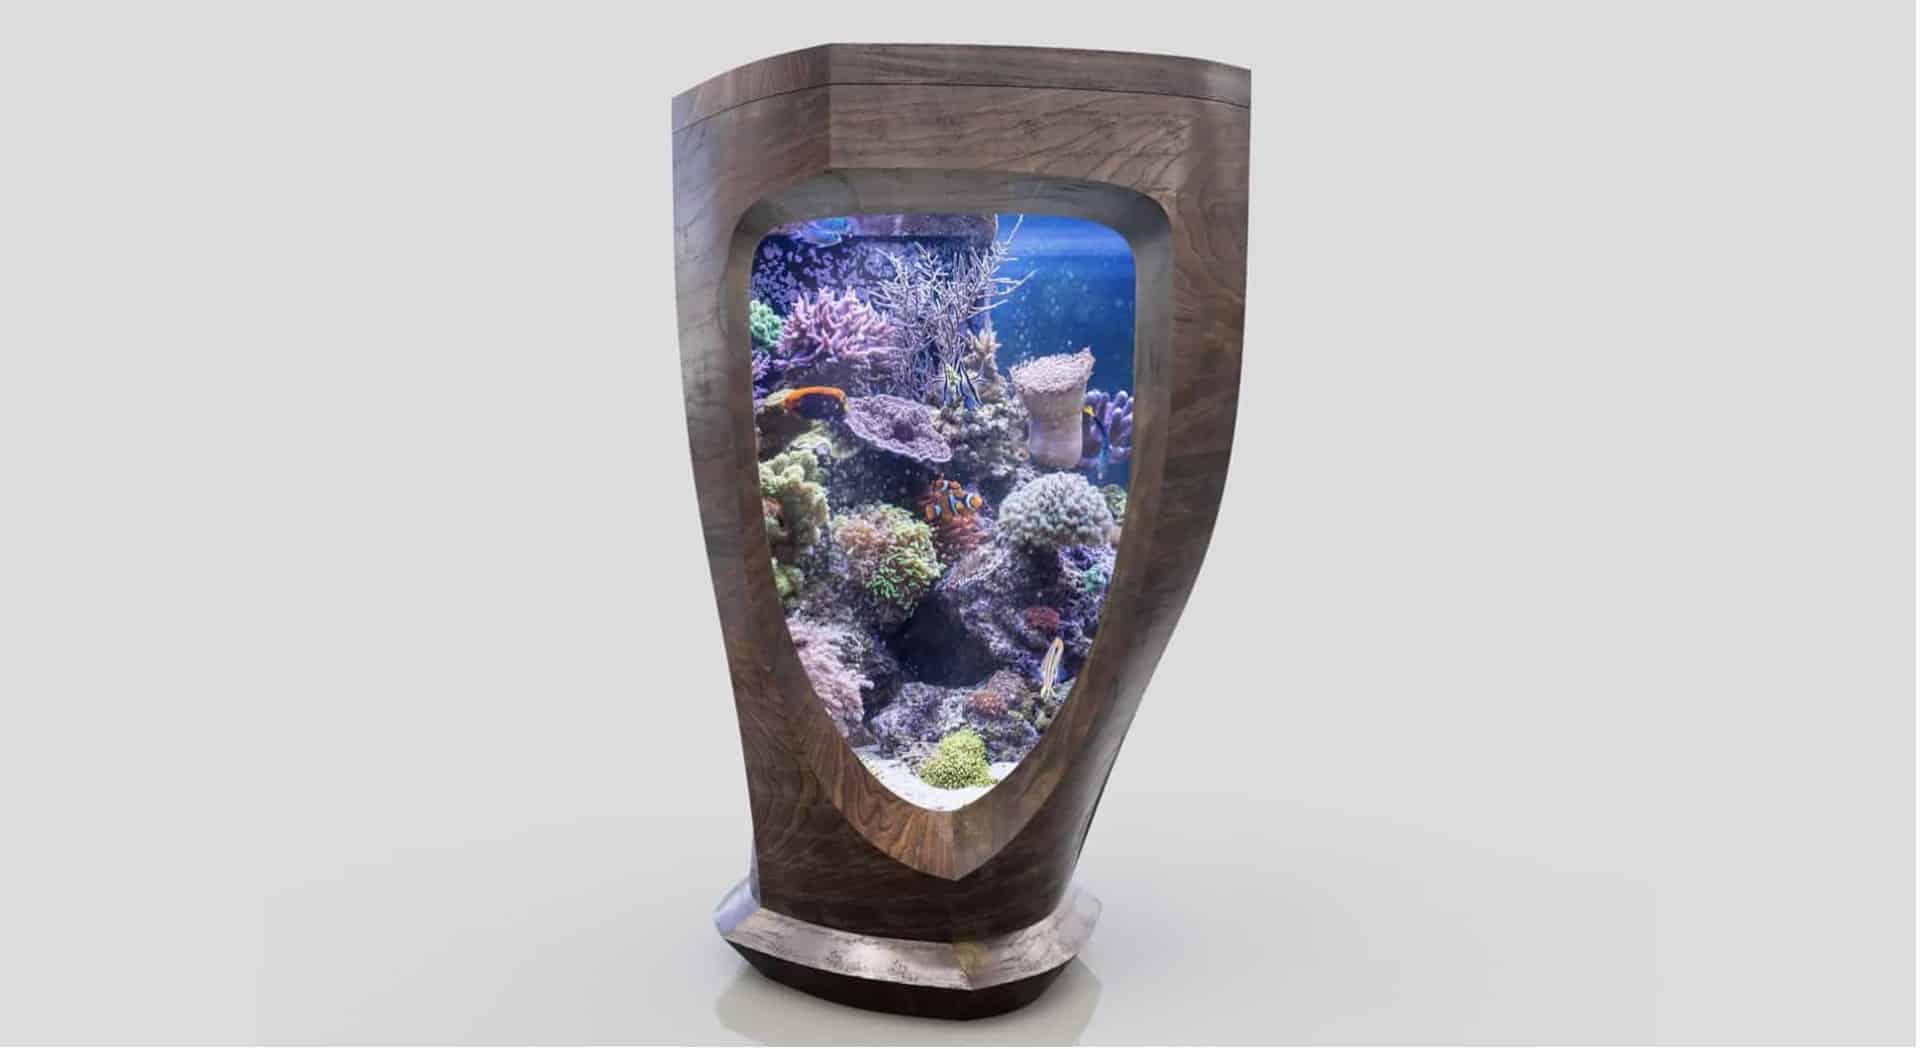 176 Was macht ein Aquarium zu einem Kunstobjekt? (David Nimke) 3